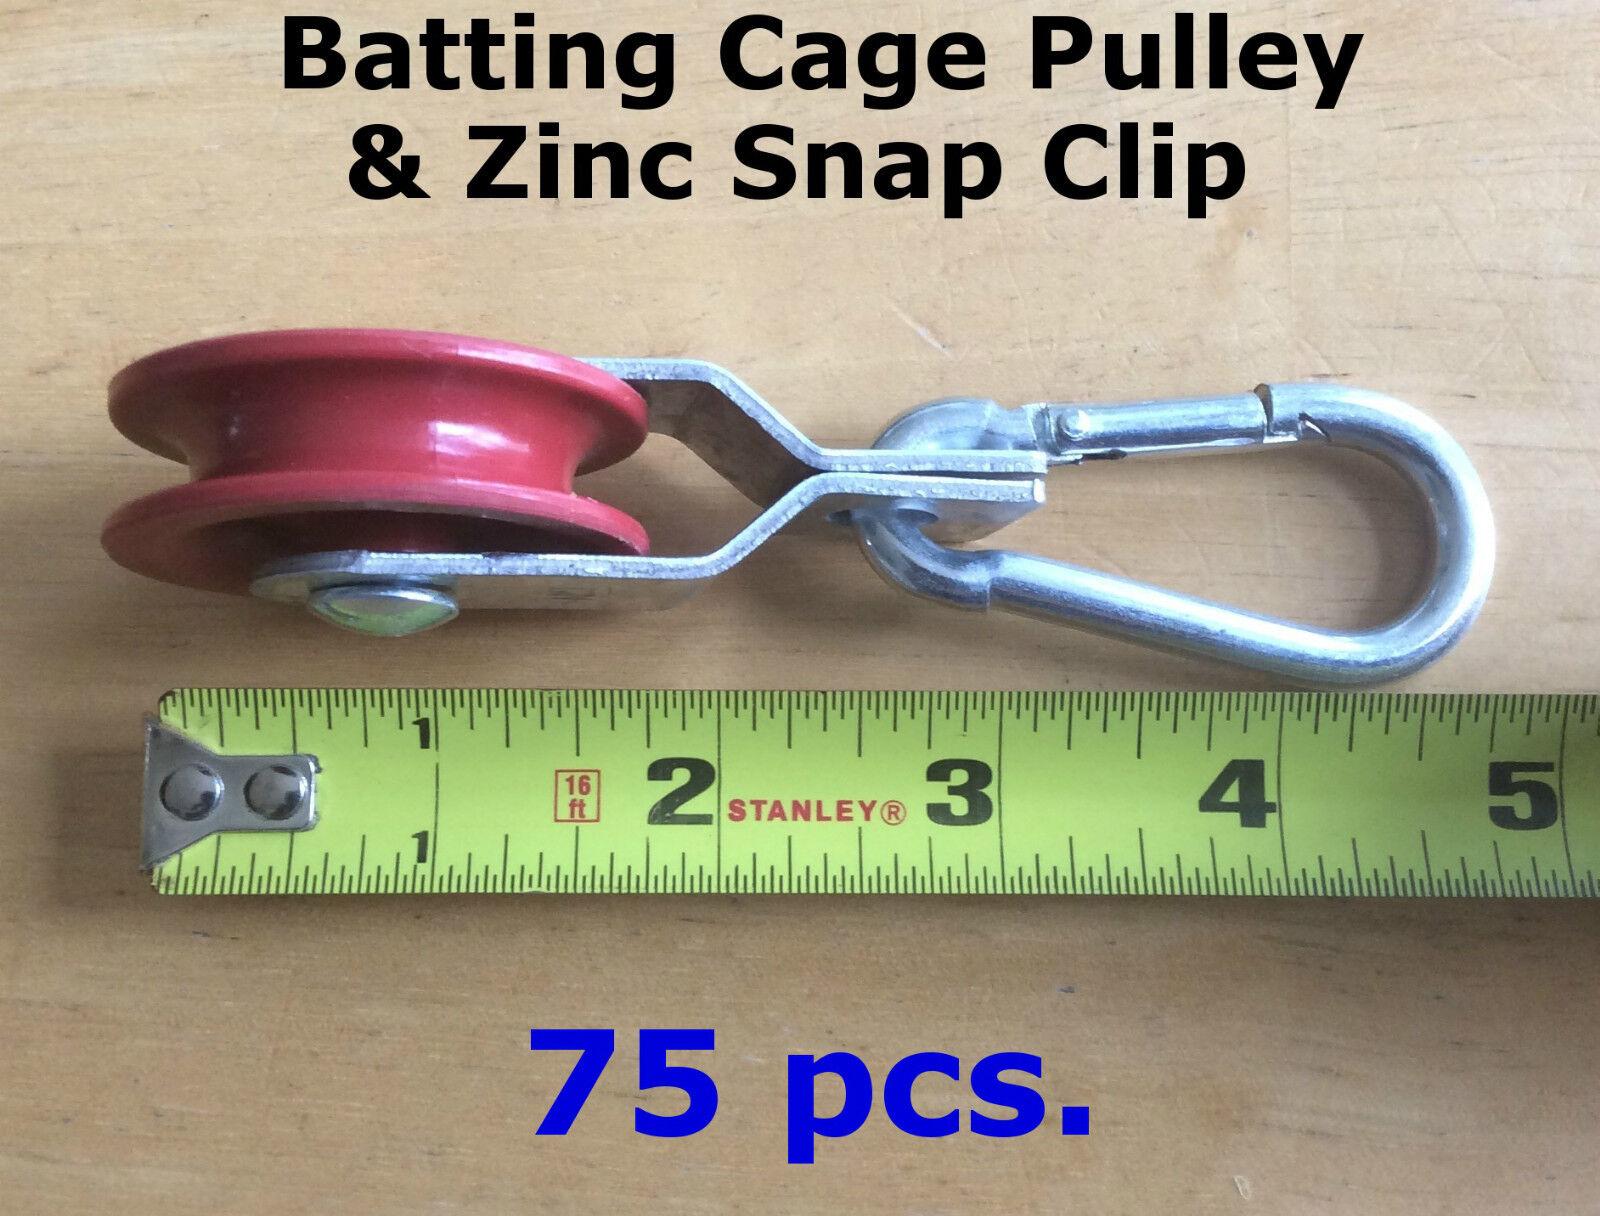 75 pcs Pulleys & 75 pcs Zinc Carabiner Snap Clips Netting Baseball Batting Cage